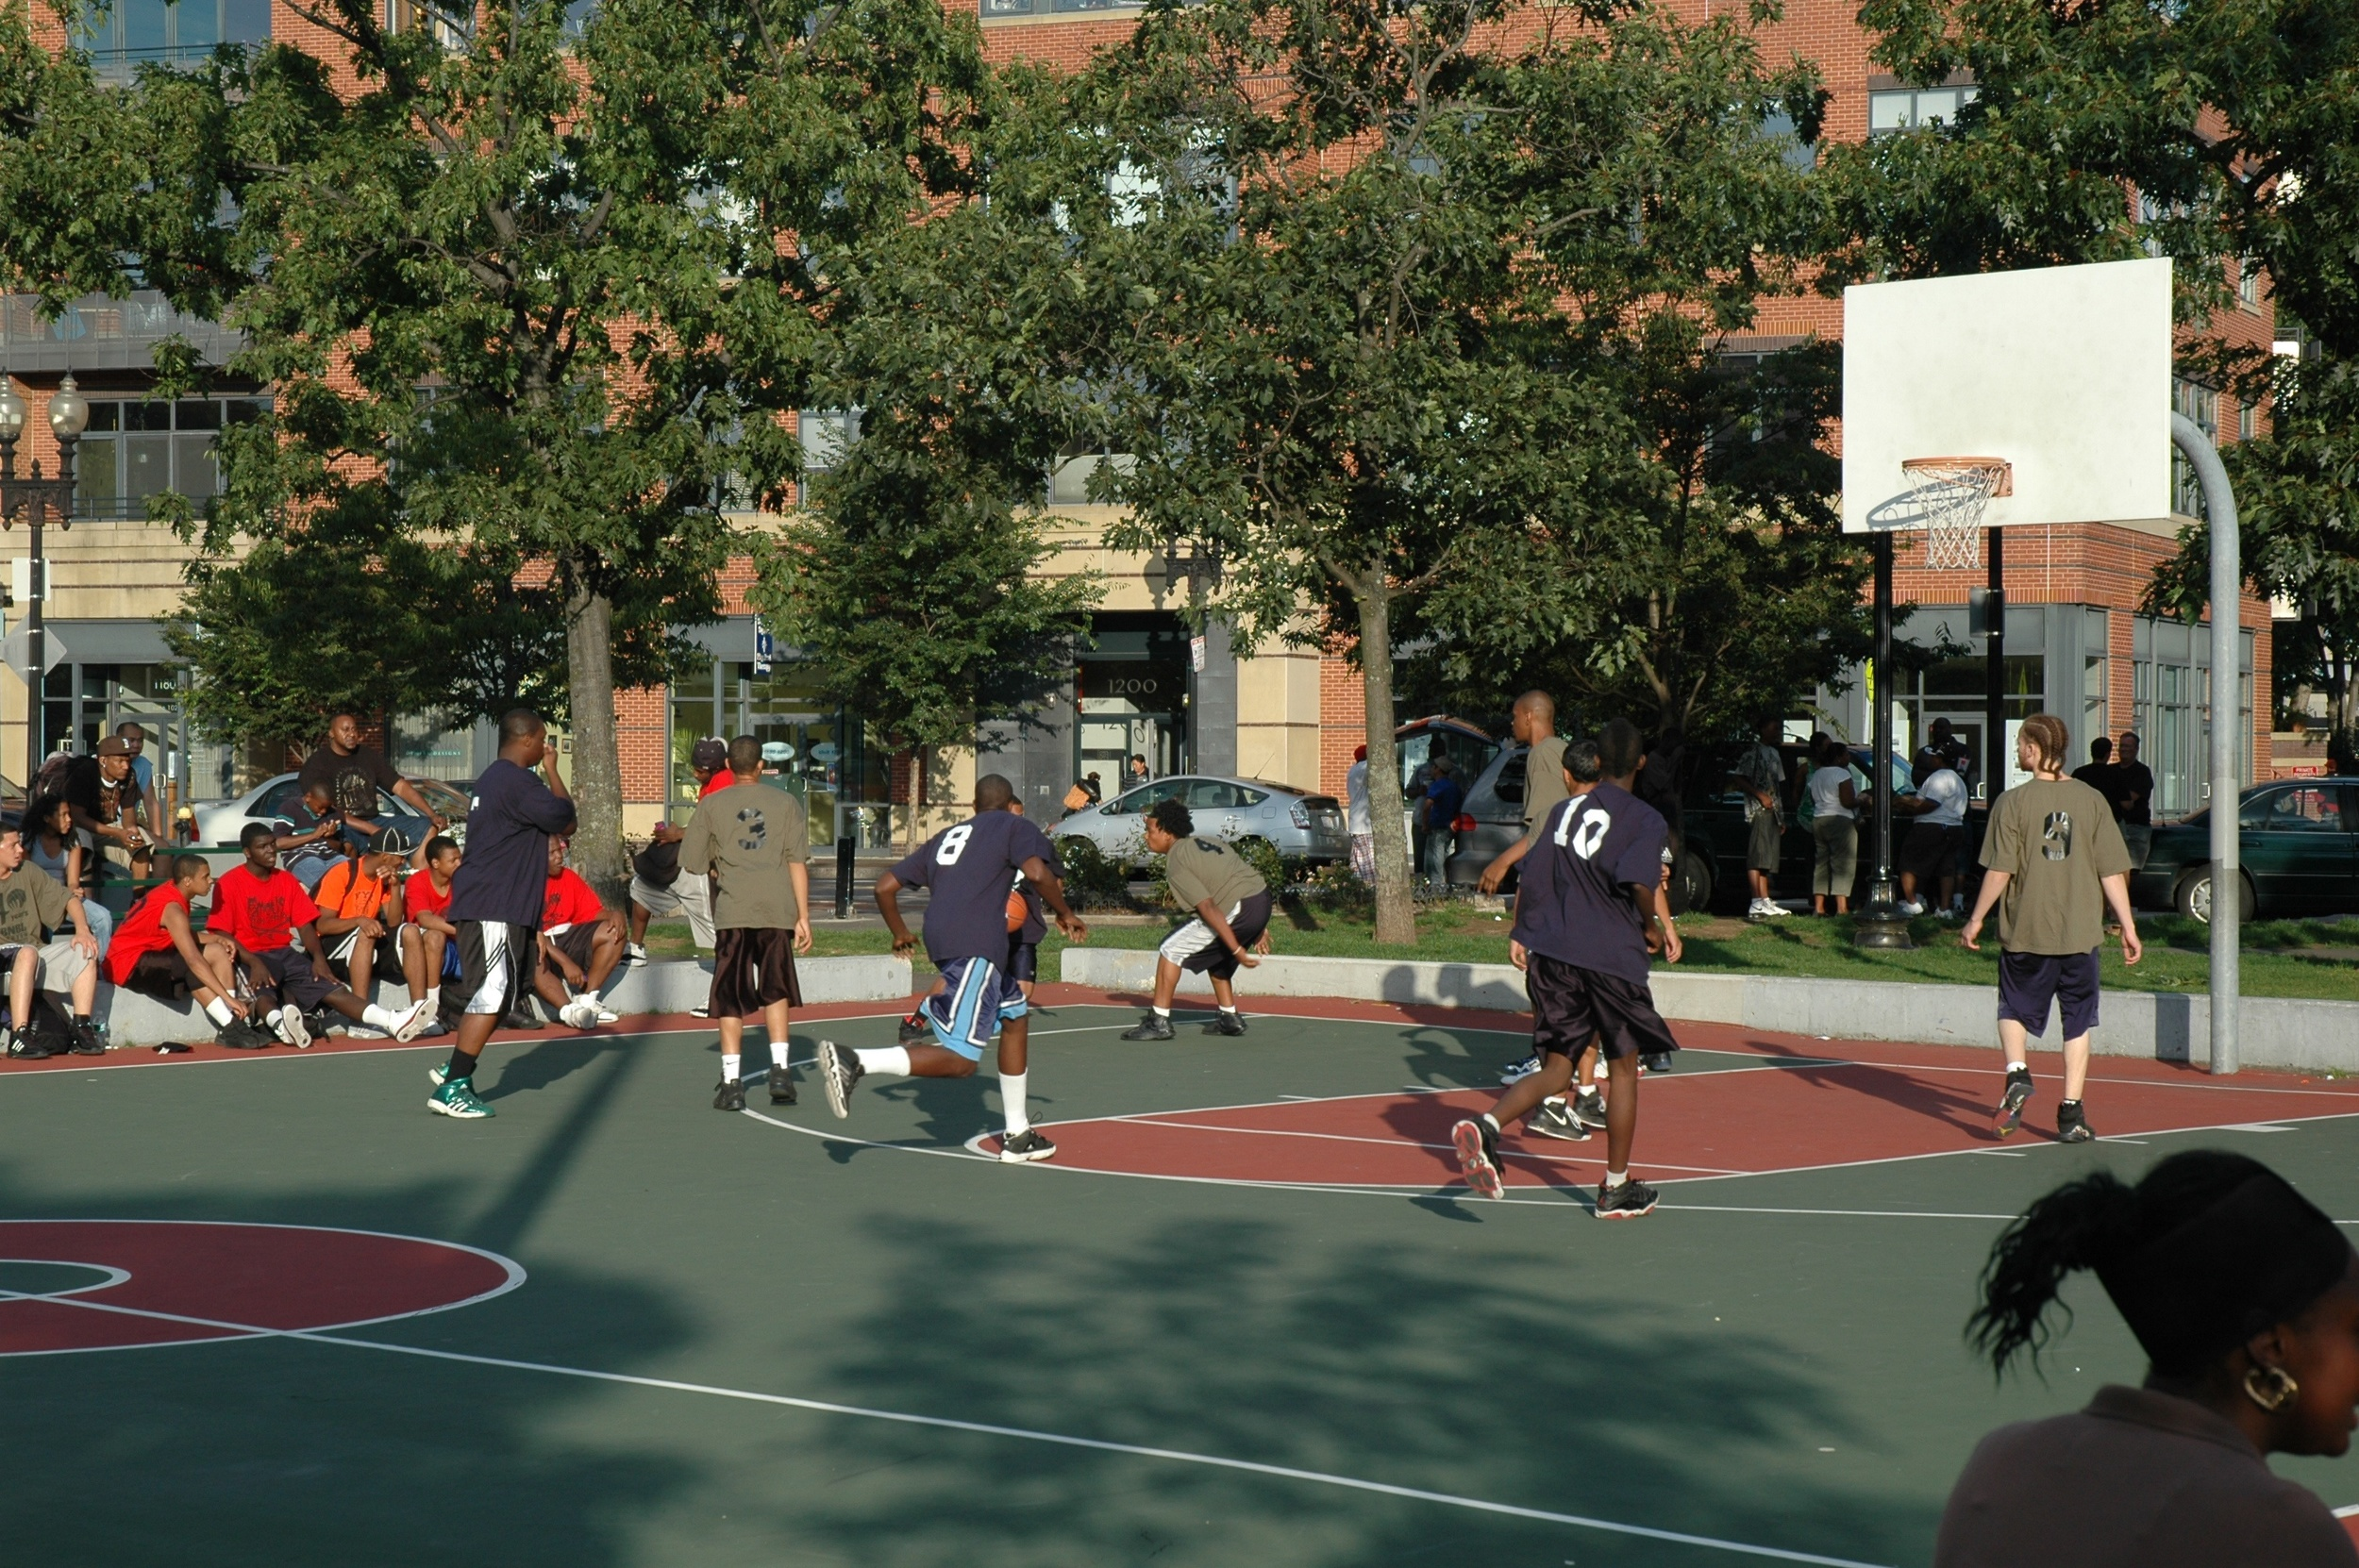 fopp_basketball_2.jpg